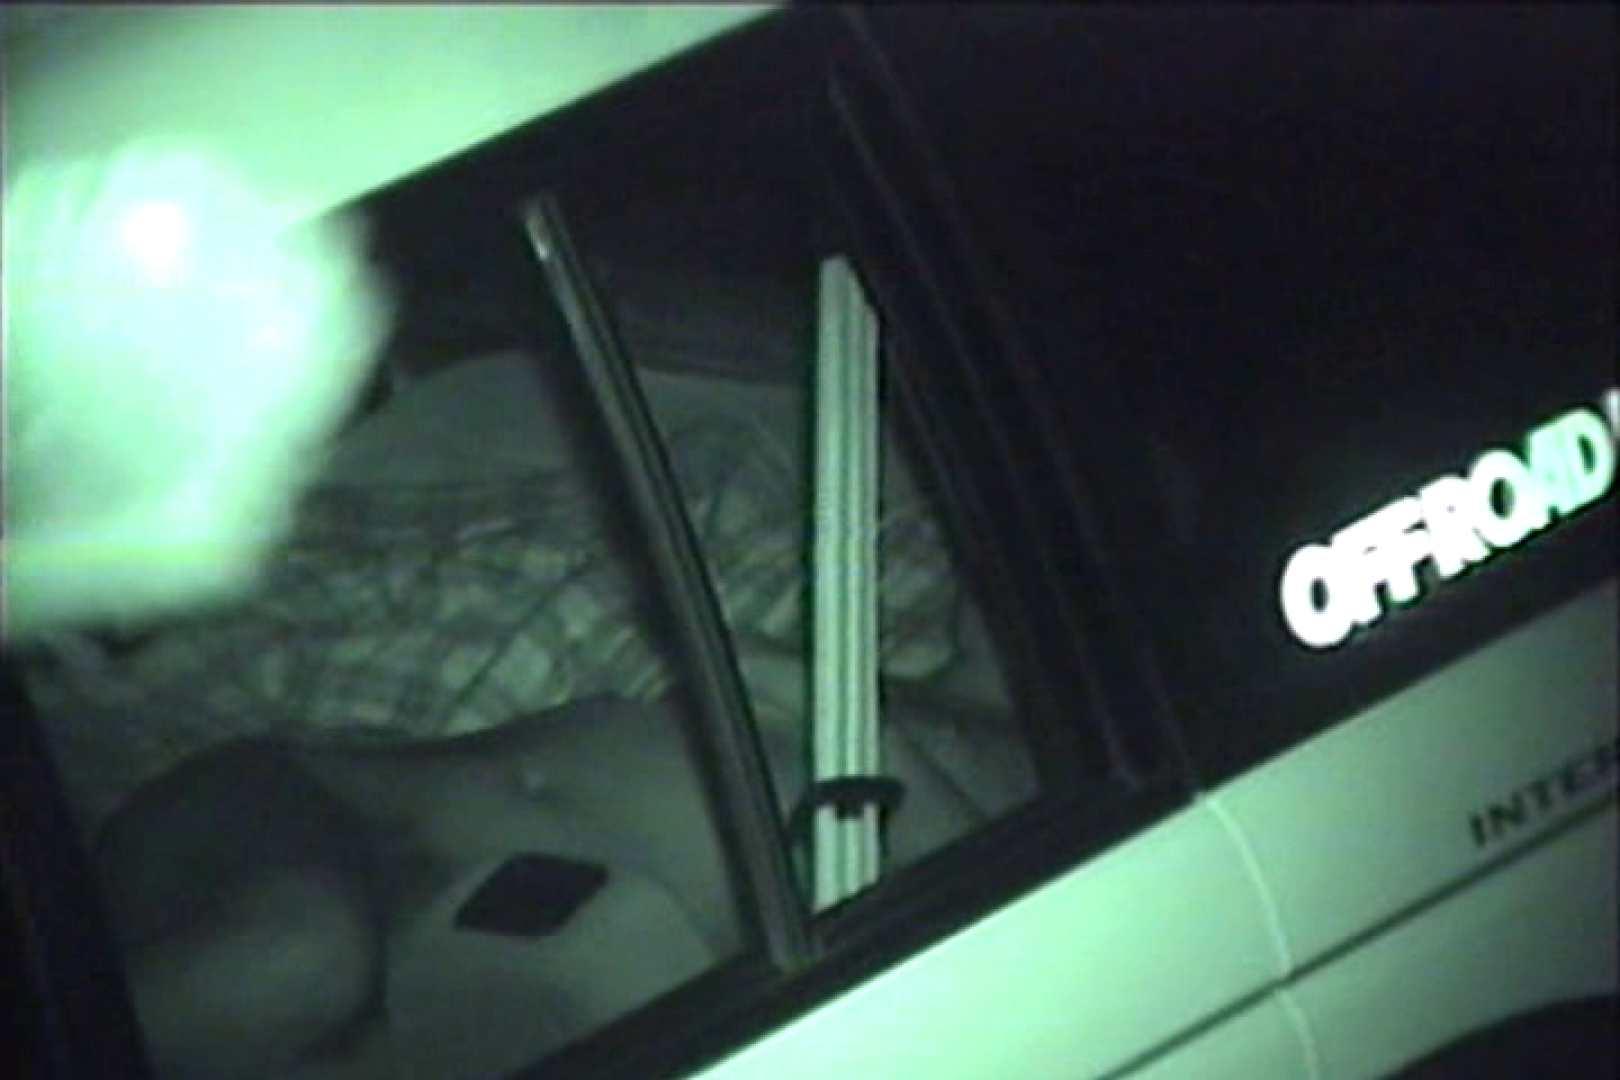 車の中はラブホテル 無修正版  Vol.17 エロティックなOL オメコ無修正動画無料 97画像 51